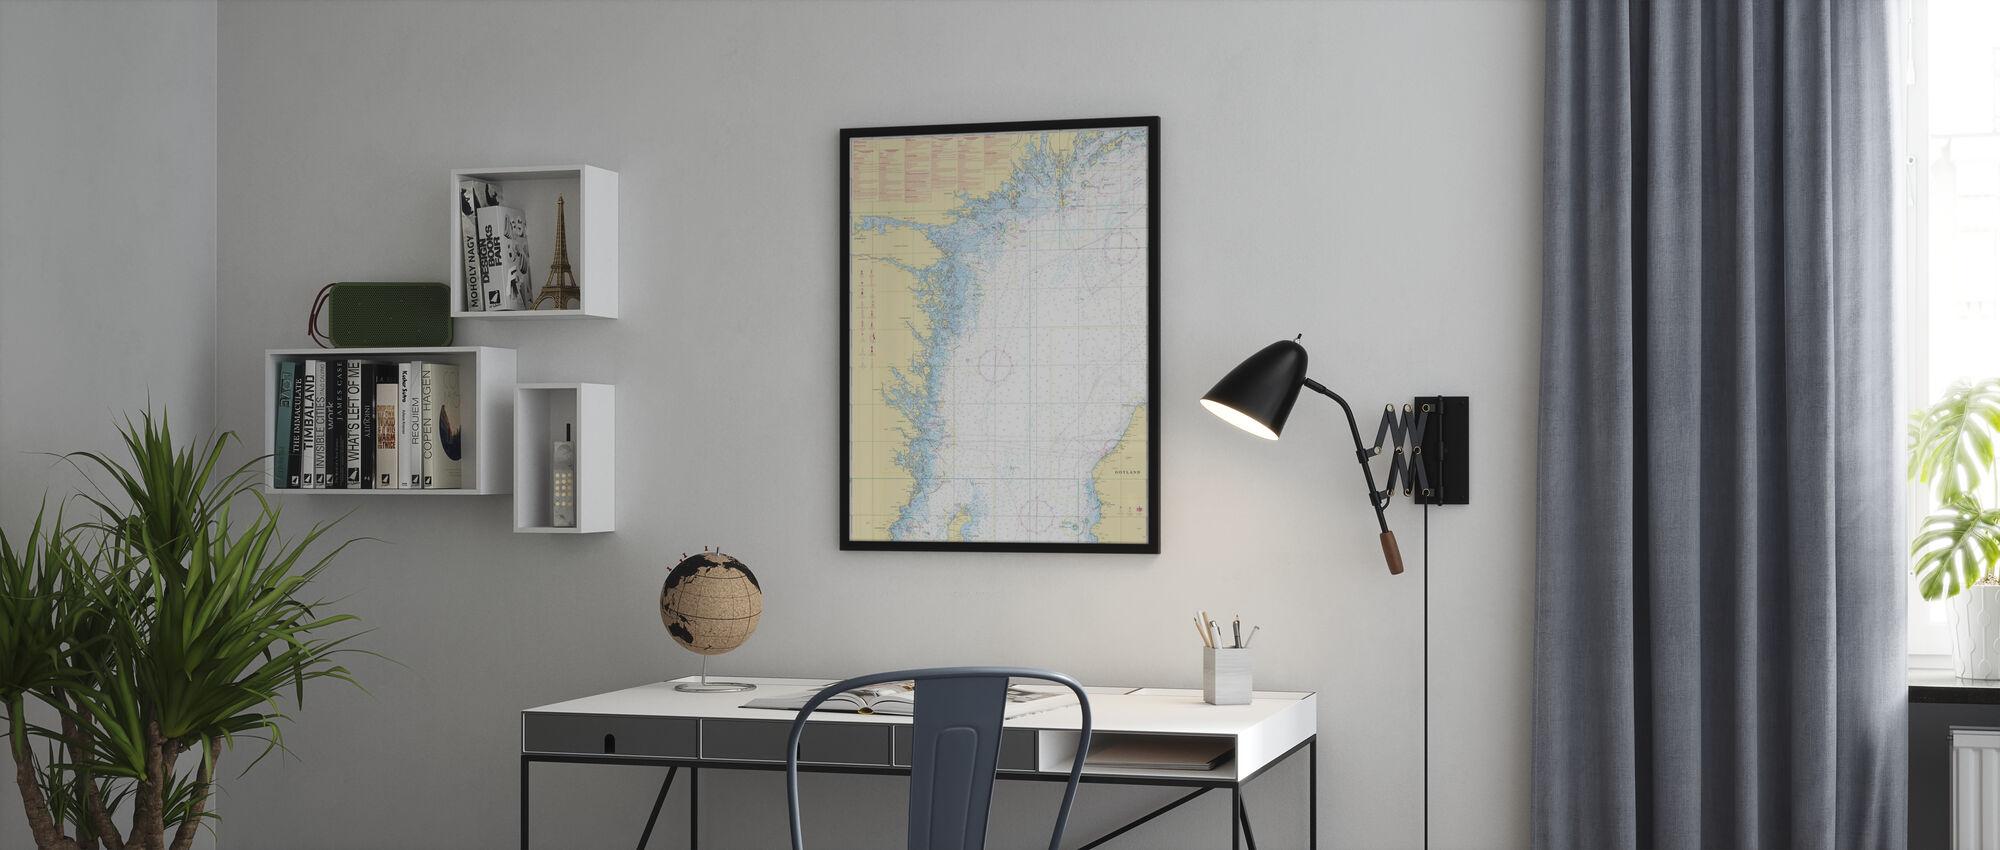 Tabella Mare 72 - Oland - Landsort - Stampa incorniciata - Uffici